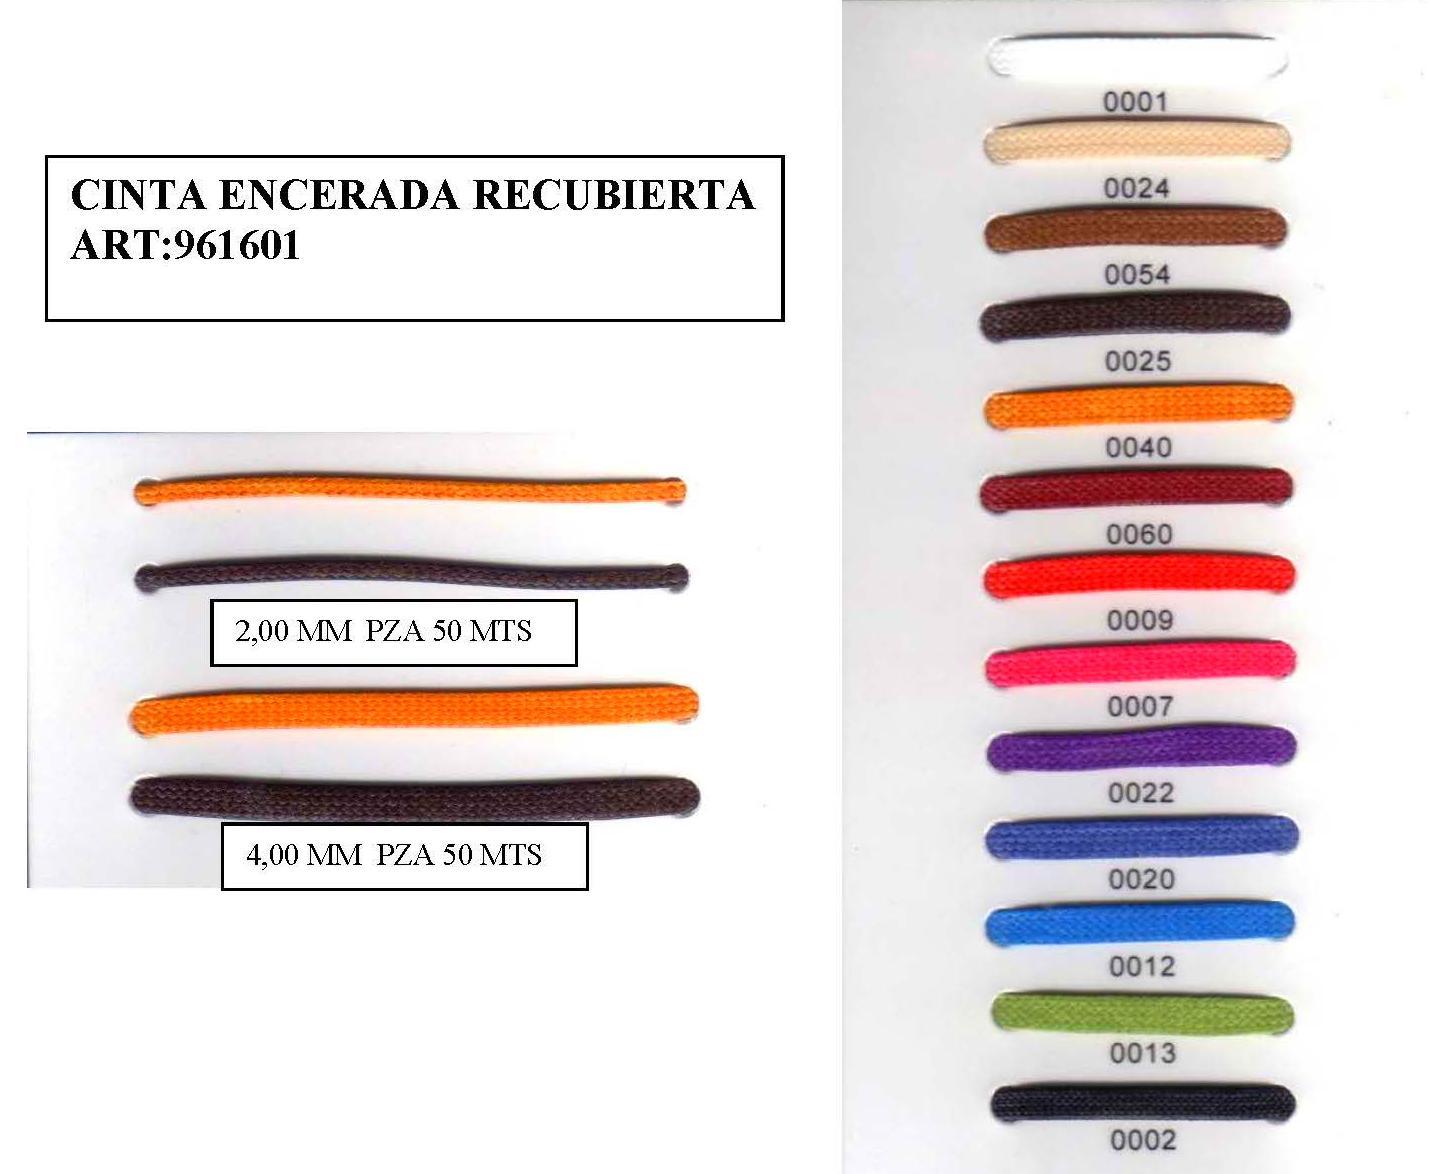 CINTA ENCERADA RECUBIERTA ART:961601